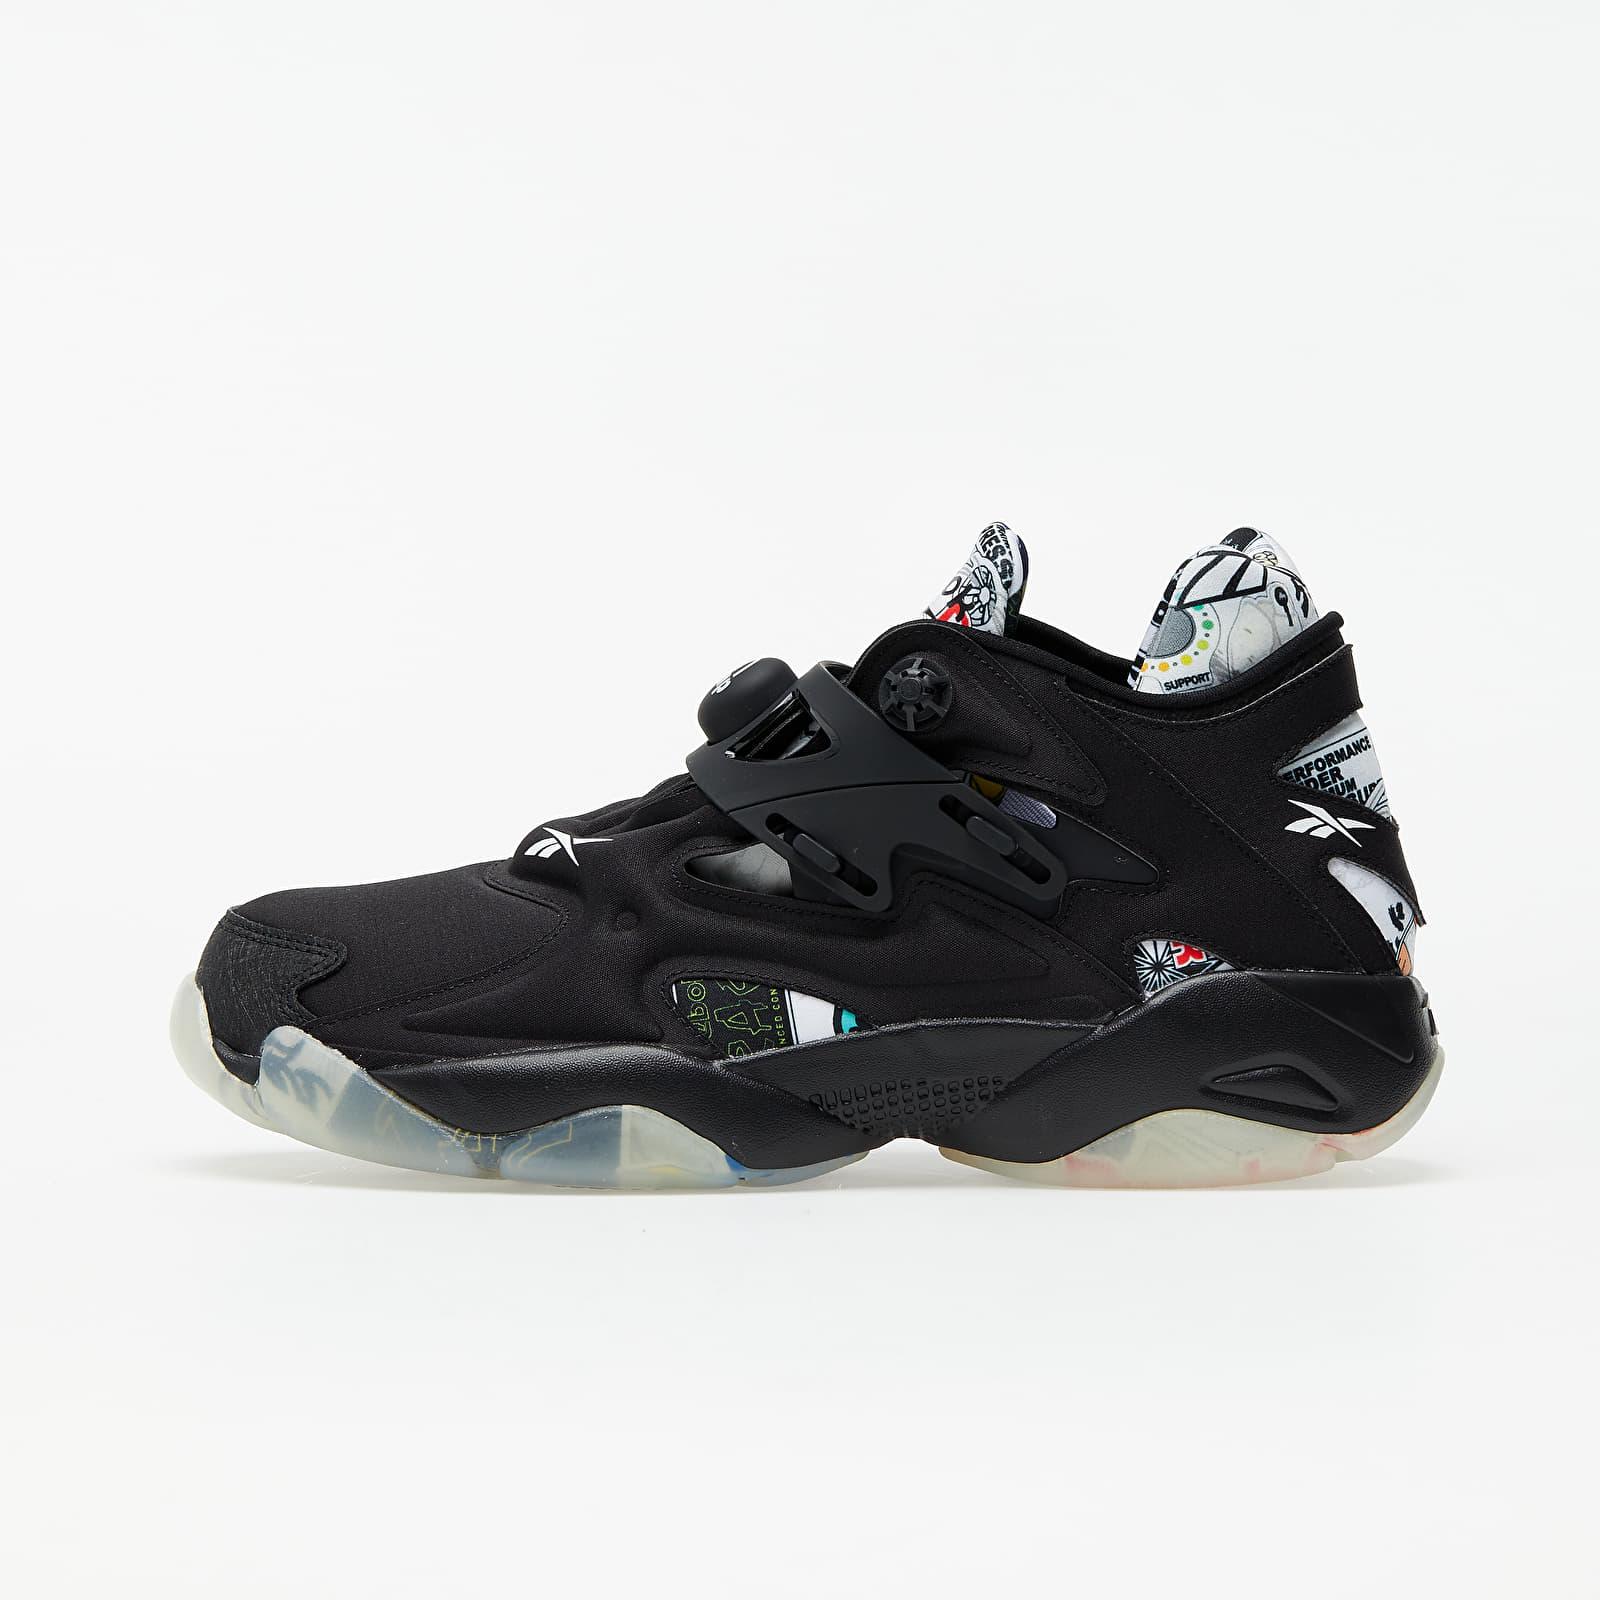 Încălțăminte și sneakerși pentru bărbați Reebok Pump Court Black/ Black/ Black